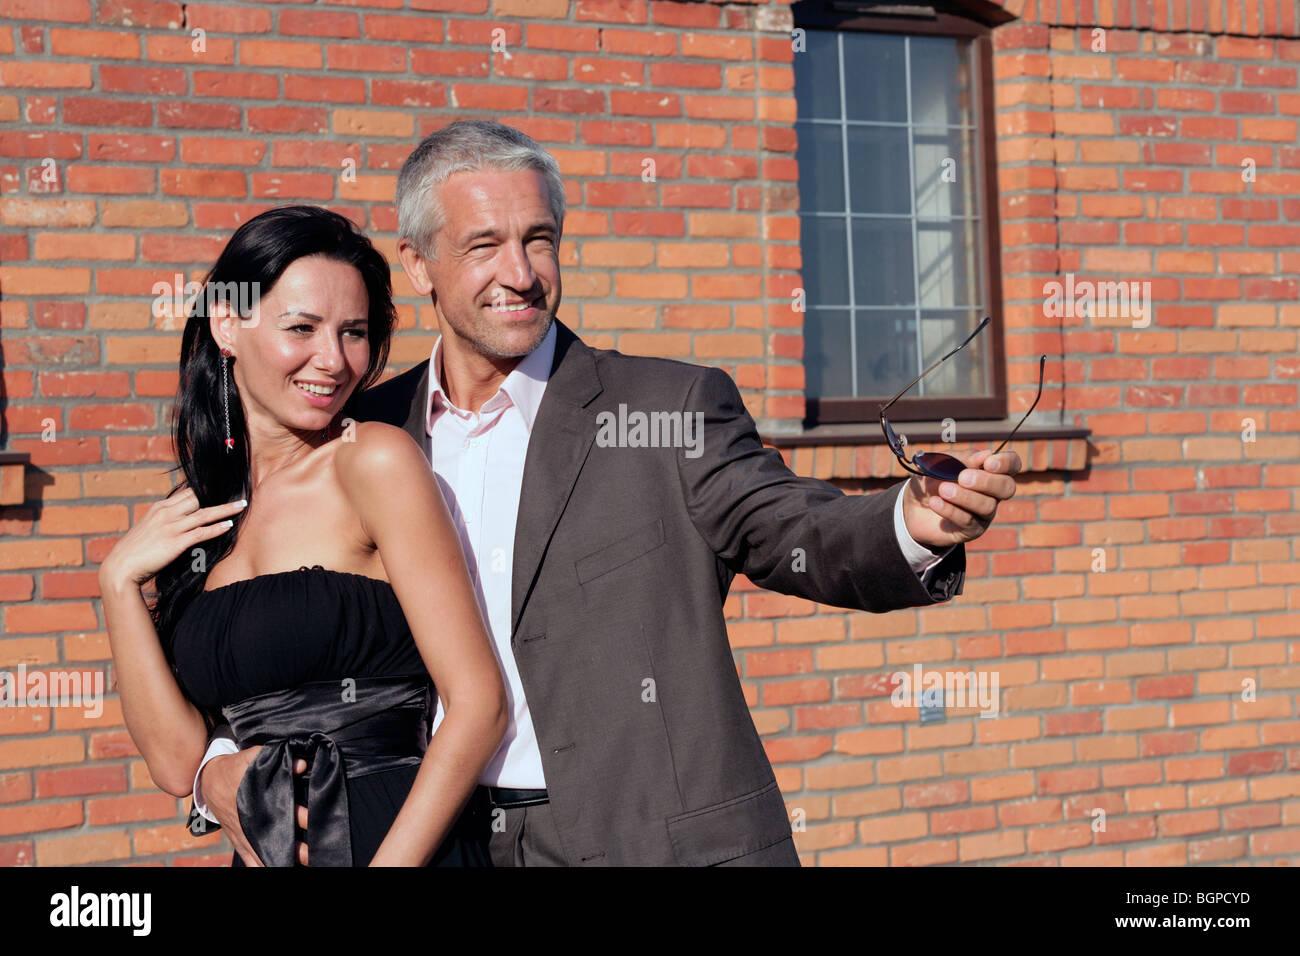 Attraente coppia felice in piedi accanto al muro di mattoni Immagini Stock